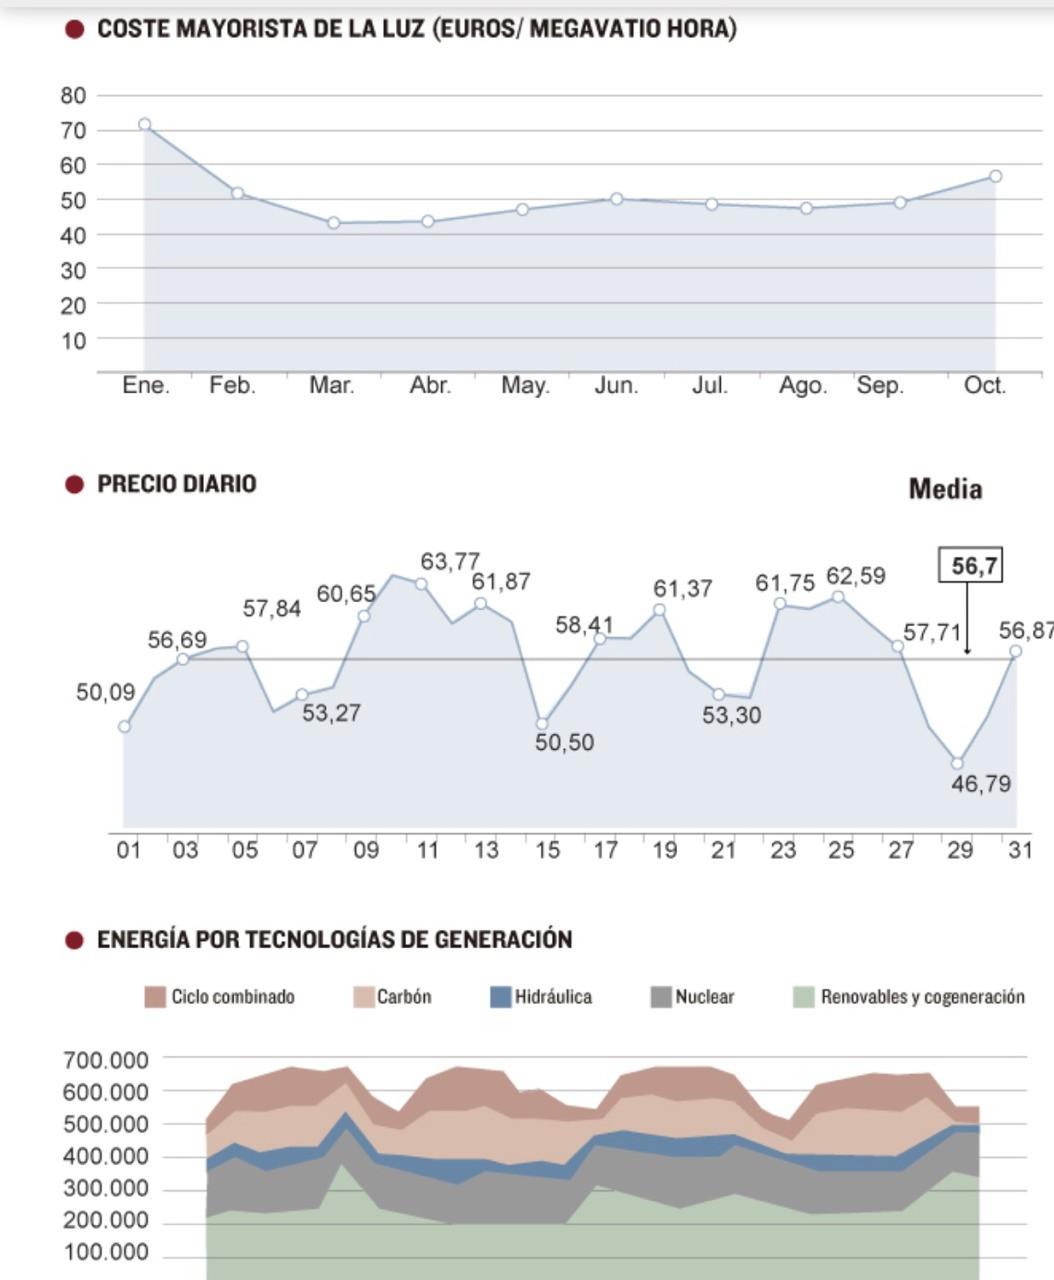 El precio de la luz se dispara un 7% en el octubre más caro de los últimos seis años Nueva alarma en la factura eléctrica. El coste de la luz en el mercado mayorista registró el pasado mes de octubre un encarecimiento del 15% y se situó en una media de 56,7 euros por megavatio hora.Se trata del octubre más caro desde el año 2011, lo que anticipa otro invierno de precios altos en el recibo.